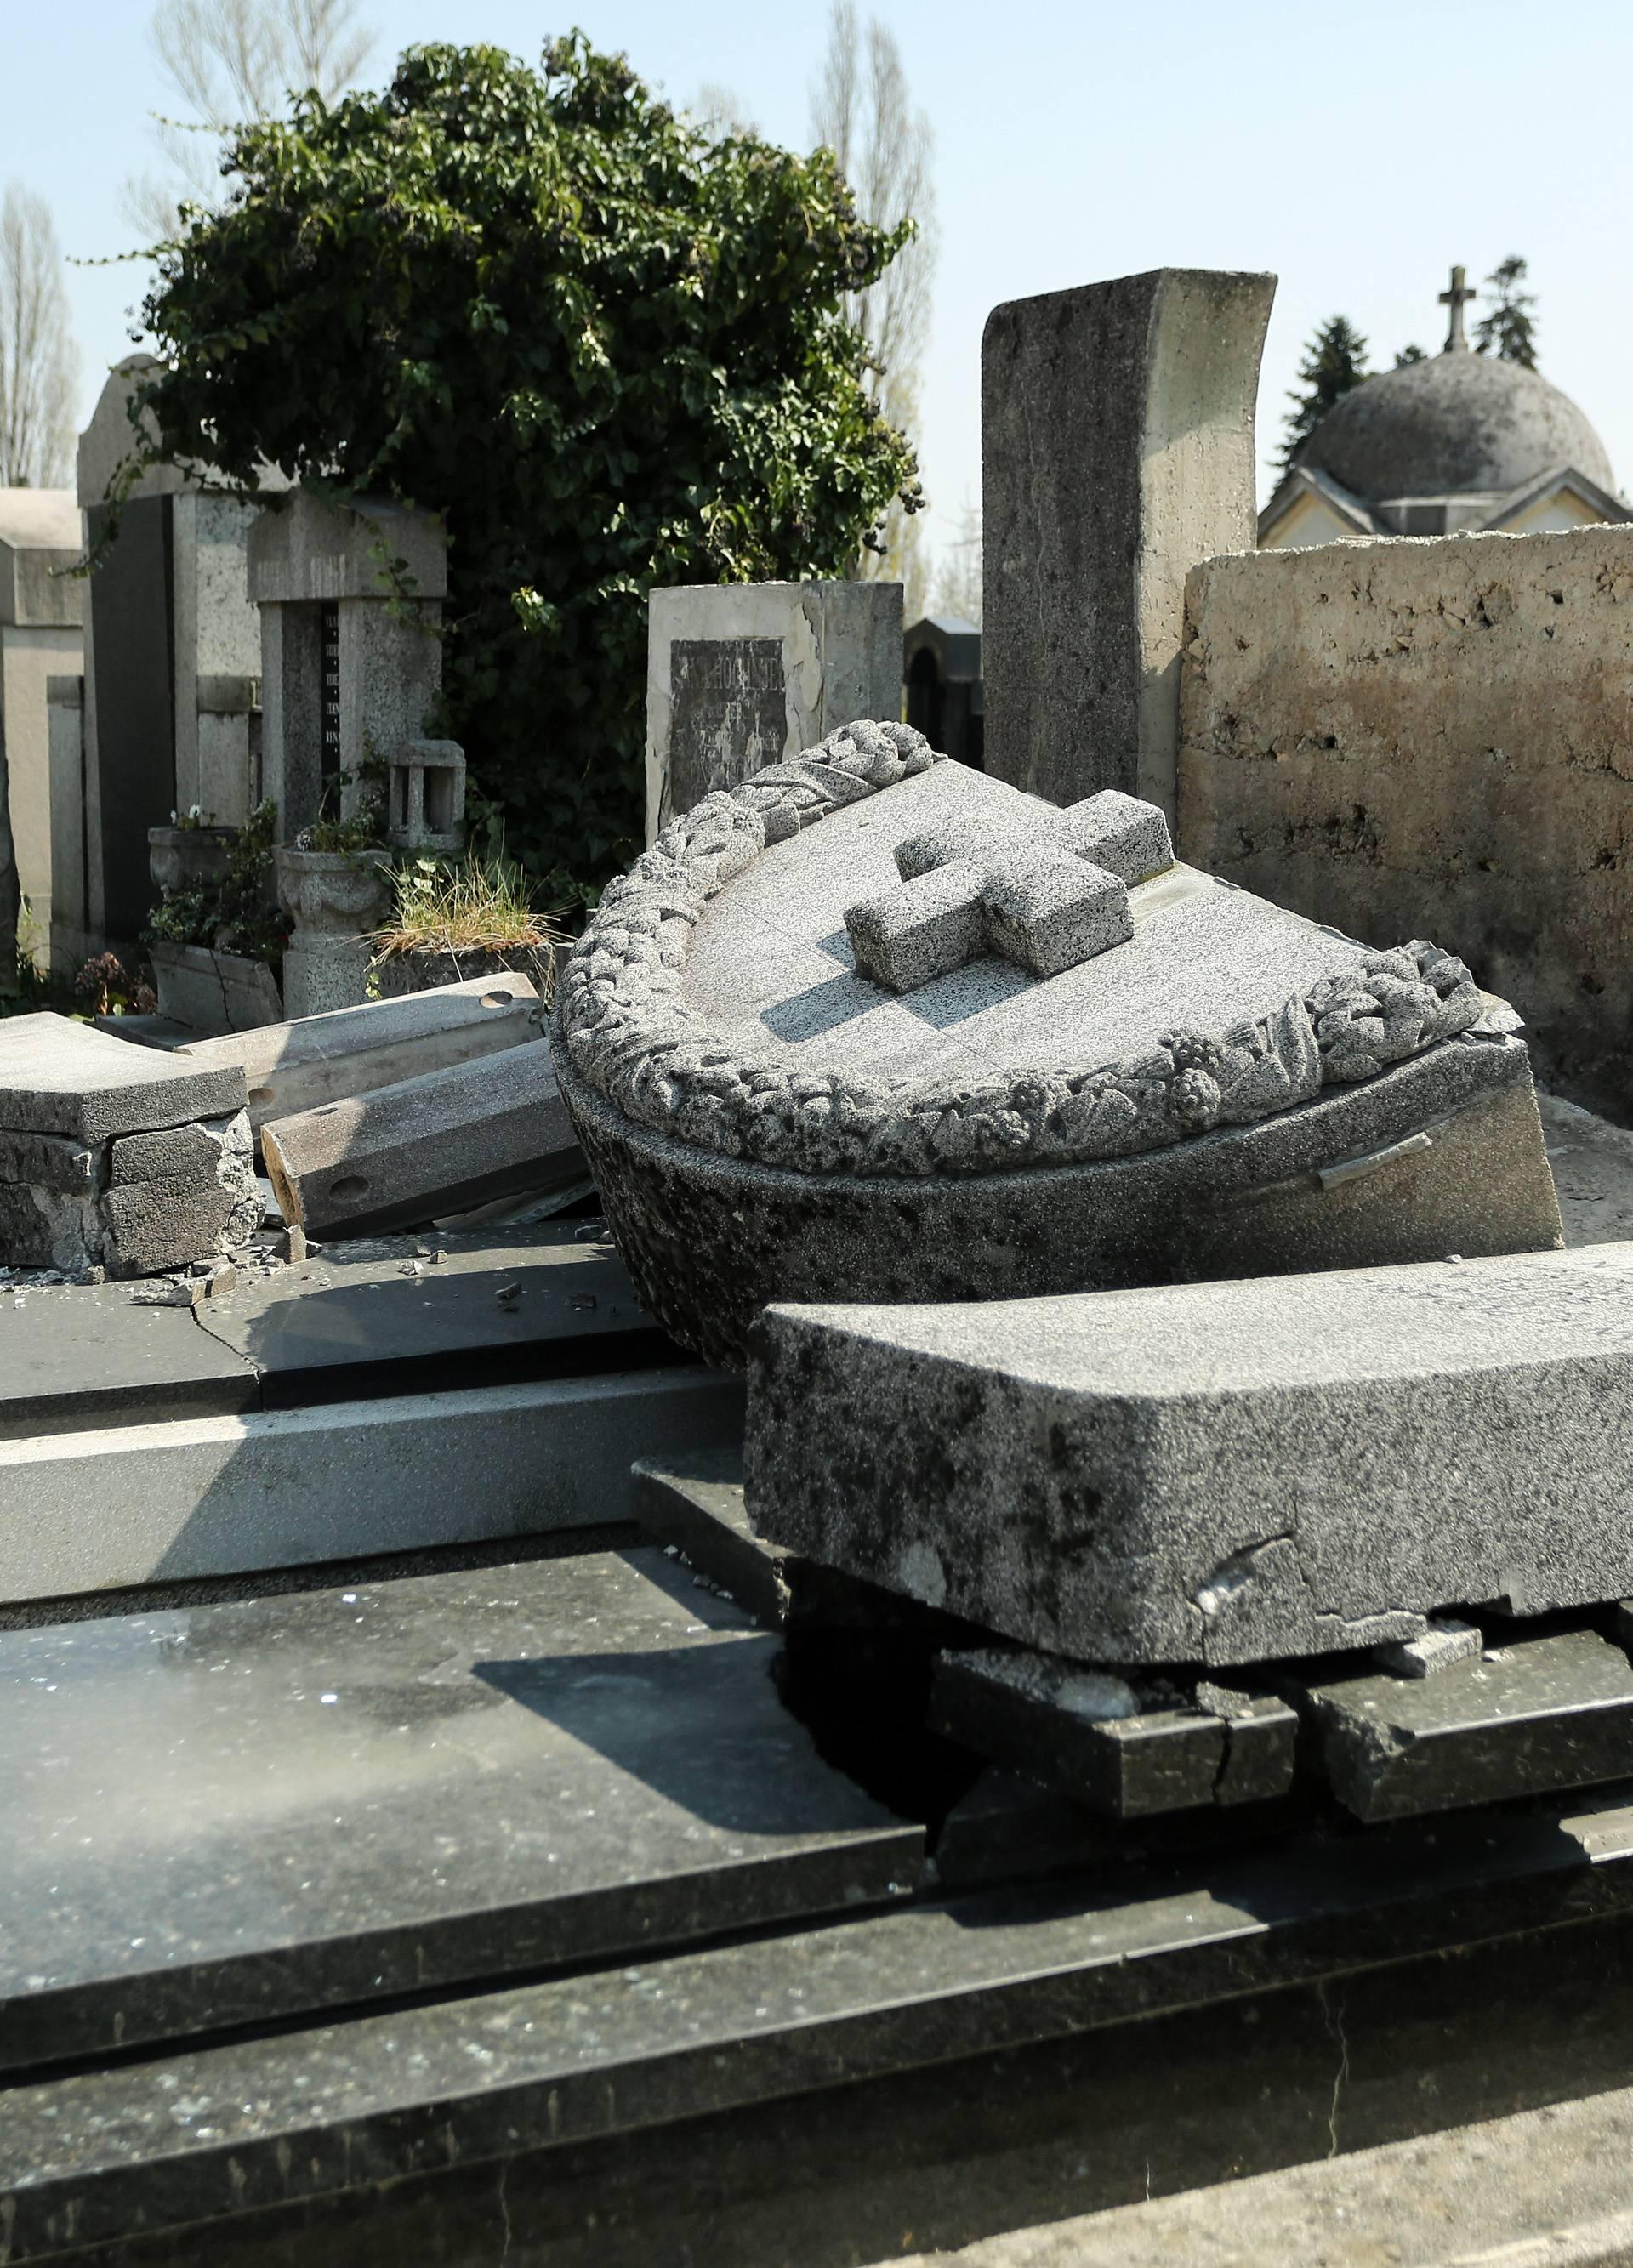 Održavanje grobova u Zagrebu poskupjelo je čak 100 posto